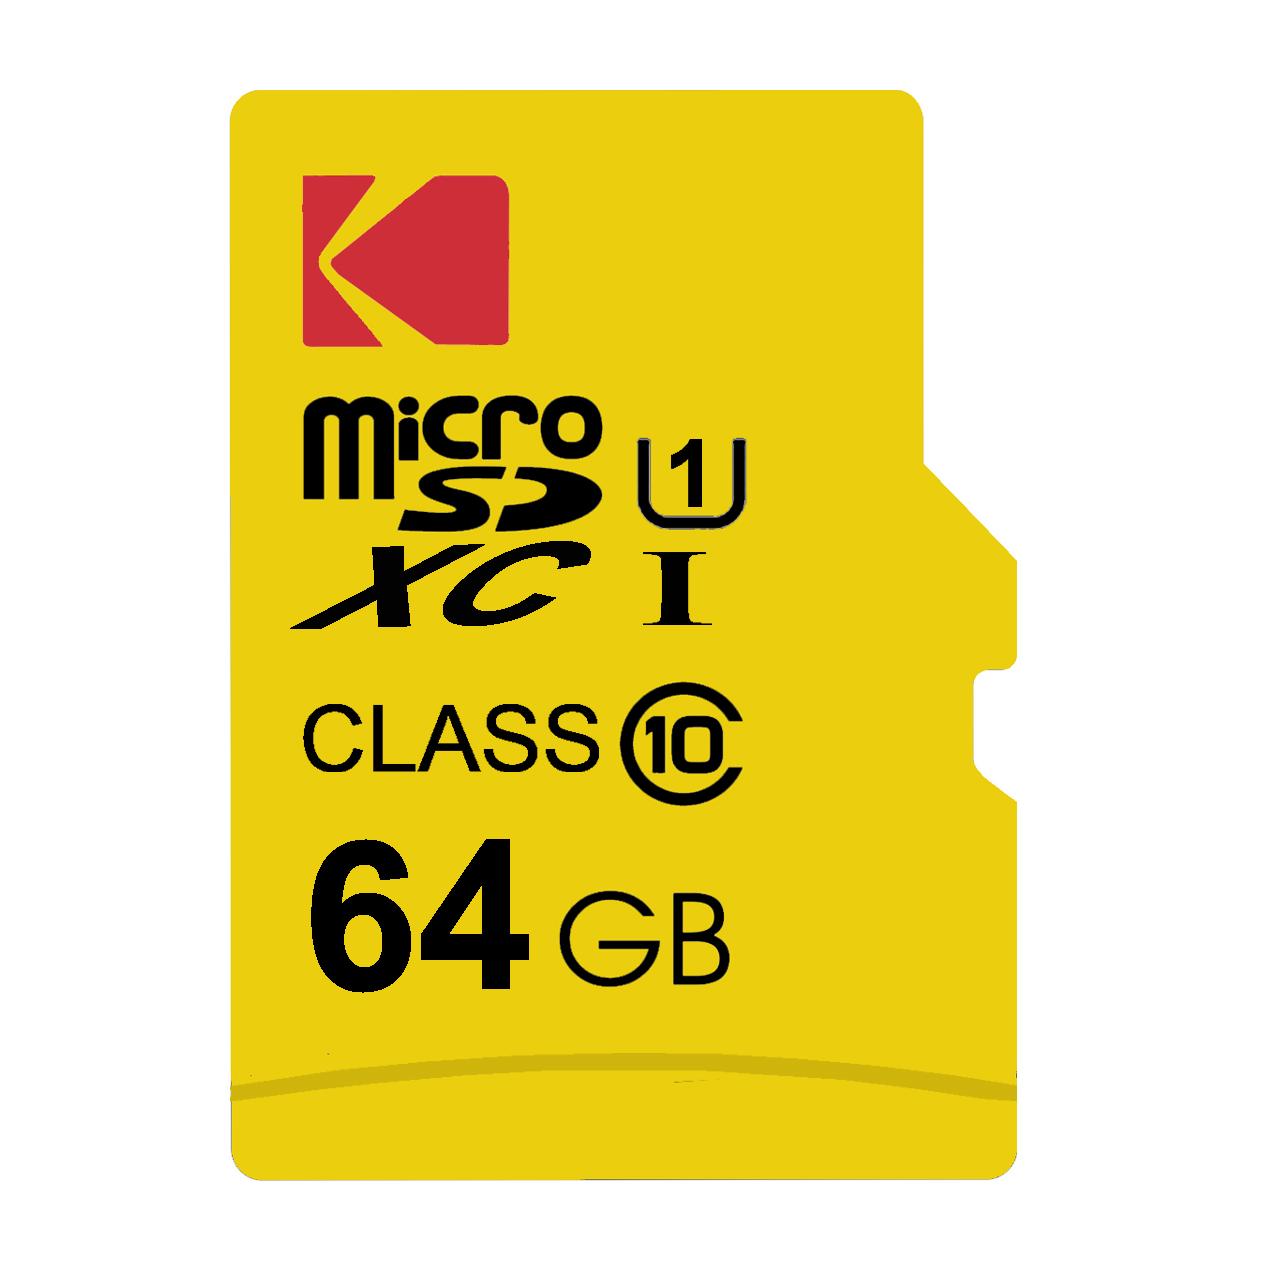 کارت حافظه microSDXC کداک مدل Premium Performance کلاس 10 استاندارد UHS-I U1 سرعت 85MBps ظرفیت 64 گیگابایت